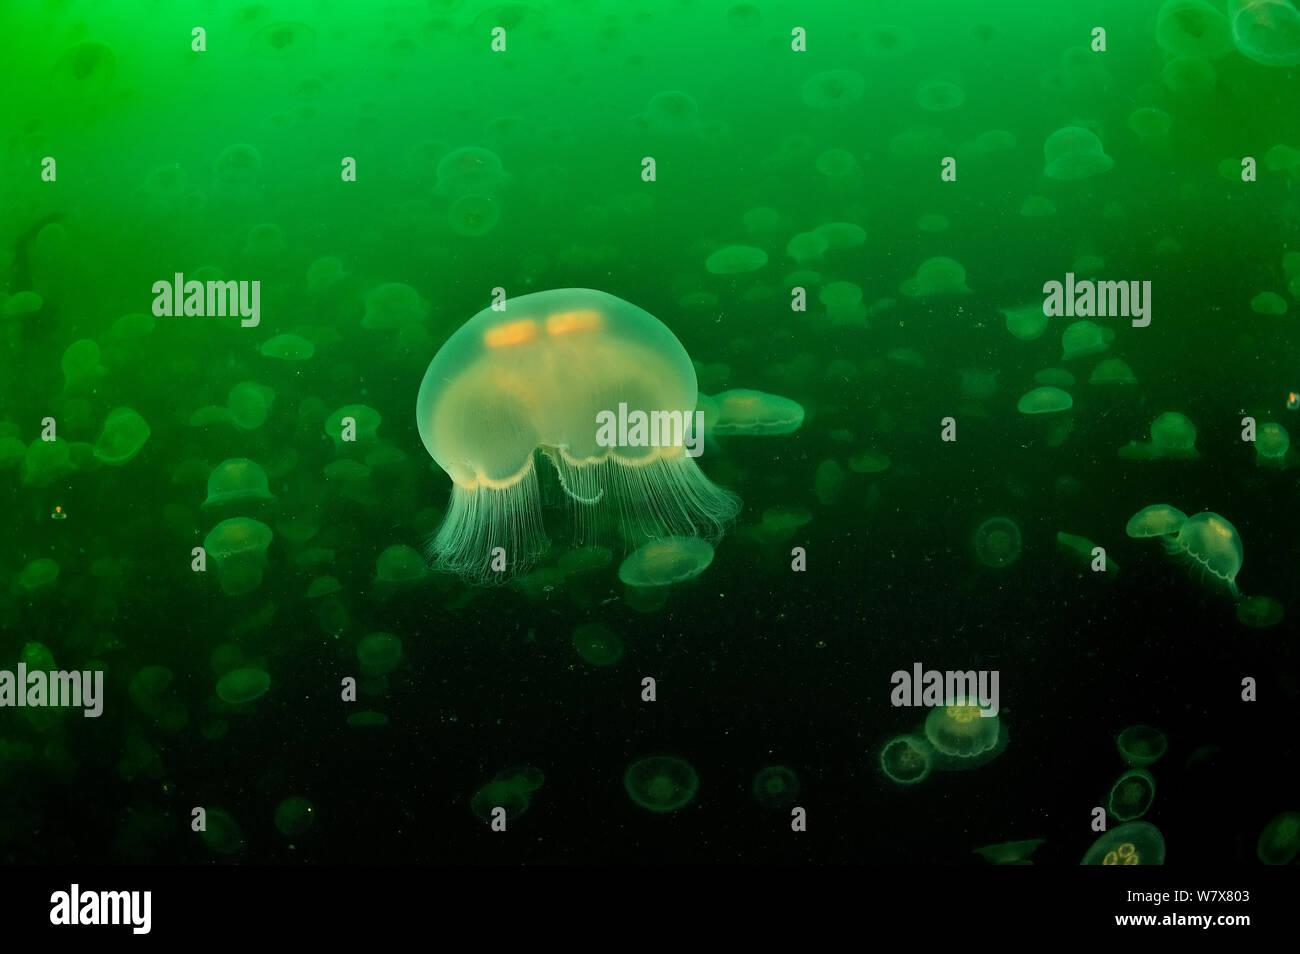 Eine Vielzahl von Mond Qualle (Aurelia Labiata), Alaska, USA, Golf von Alaska. Pazifischen Ozean. Stockfoto